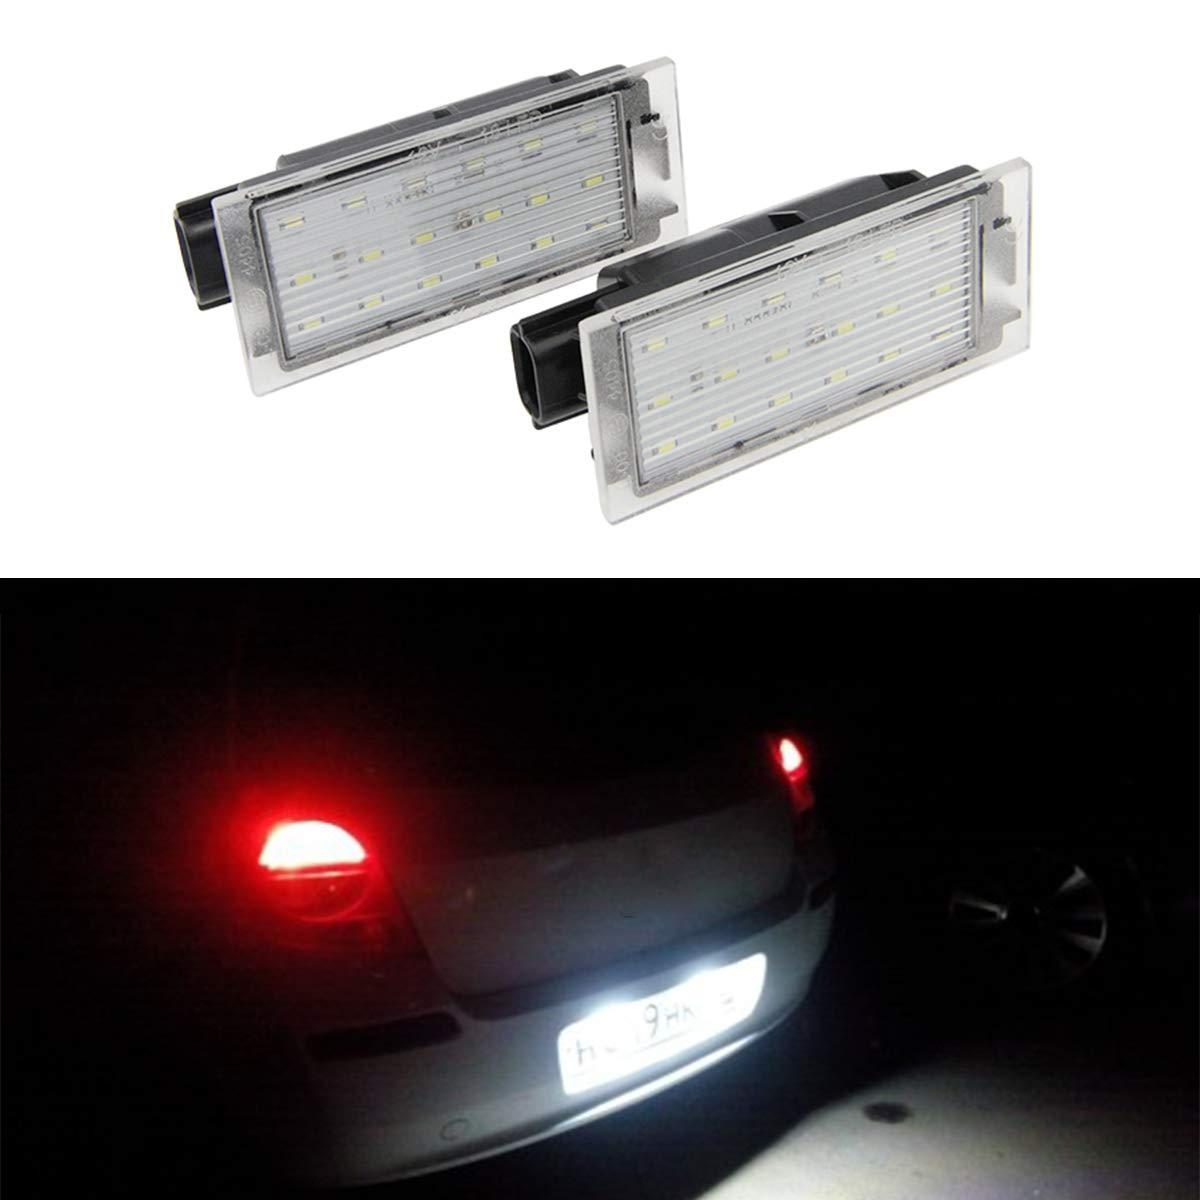 GOFORJUMP 2pcs Voiture LED Plaque d'immatriculation lumiè re Lampe de Remplacement de lumiè re Direce pour R/enault Clio Mé gane Twingo II Lagane II5D Vel Satis Maî tre